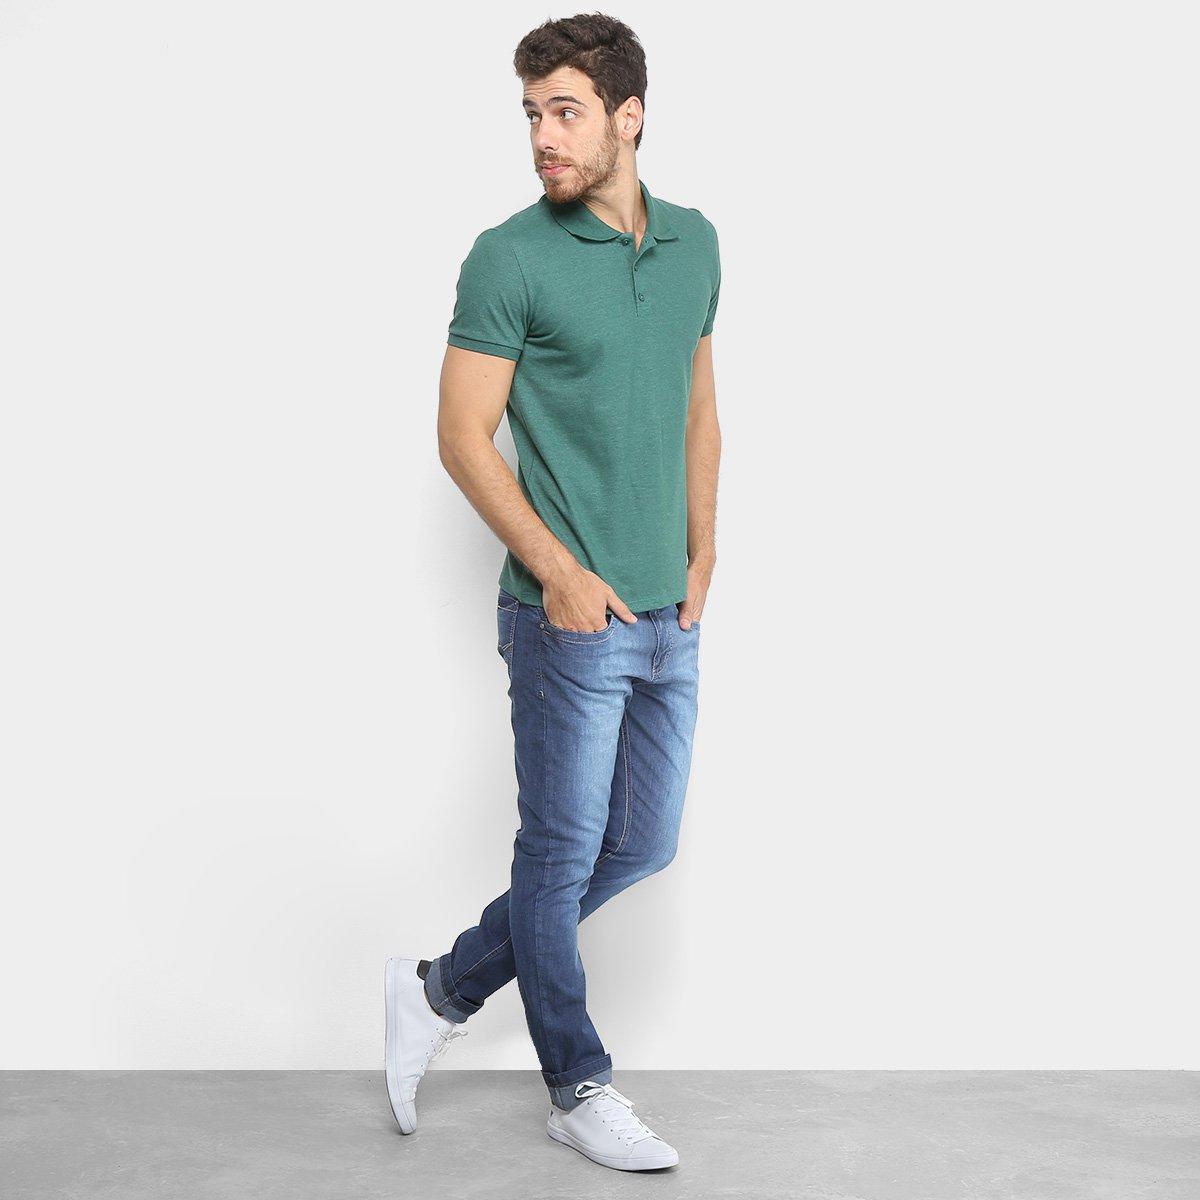 b03b5ac29e Camisa Polo Kohmar Piquet Básica Masculina - Verde - Compre Agora ...